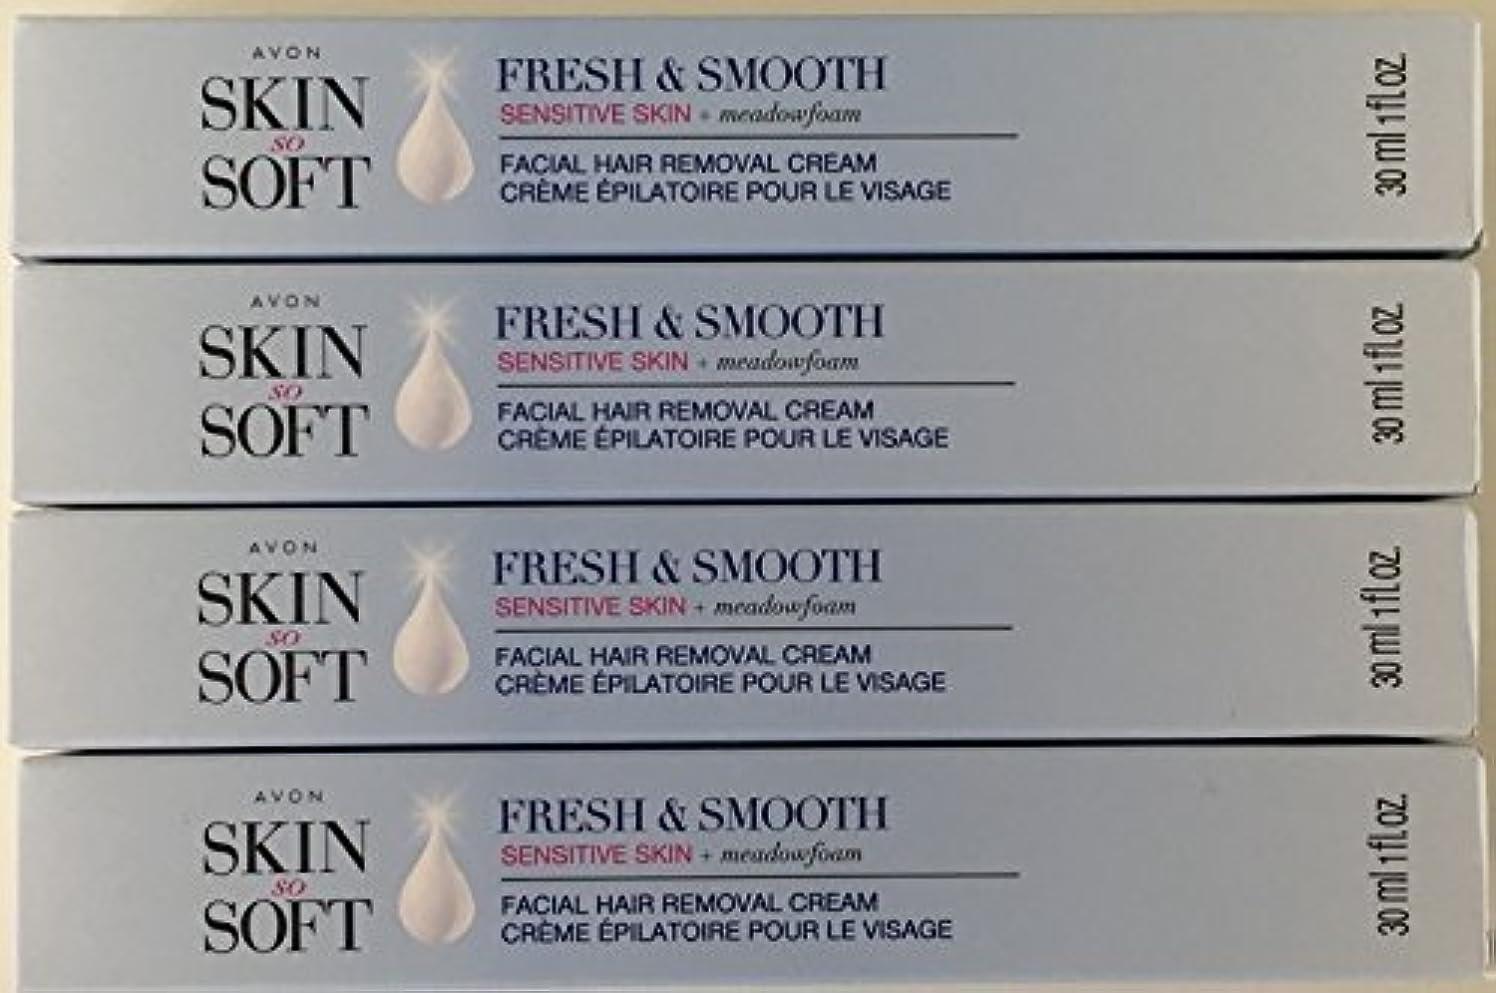 知覚整理するアラブサラボAvon Skin so Soft Fresh & Smooth Sensitive Skin Facial Hair Removal Cream 1 oz Each. A Lot of 4 [並行輸入品]